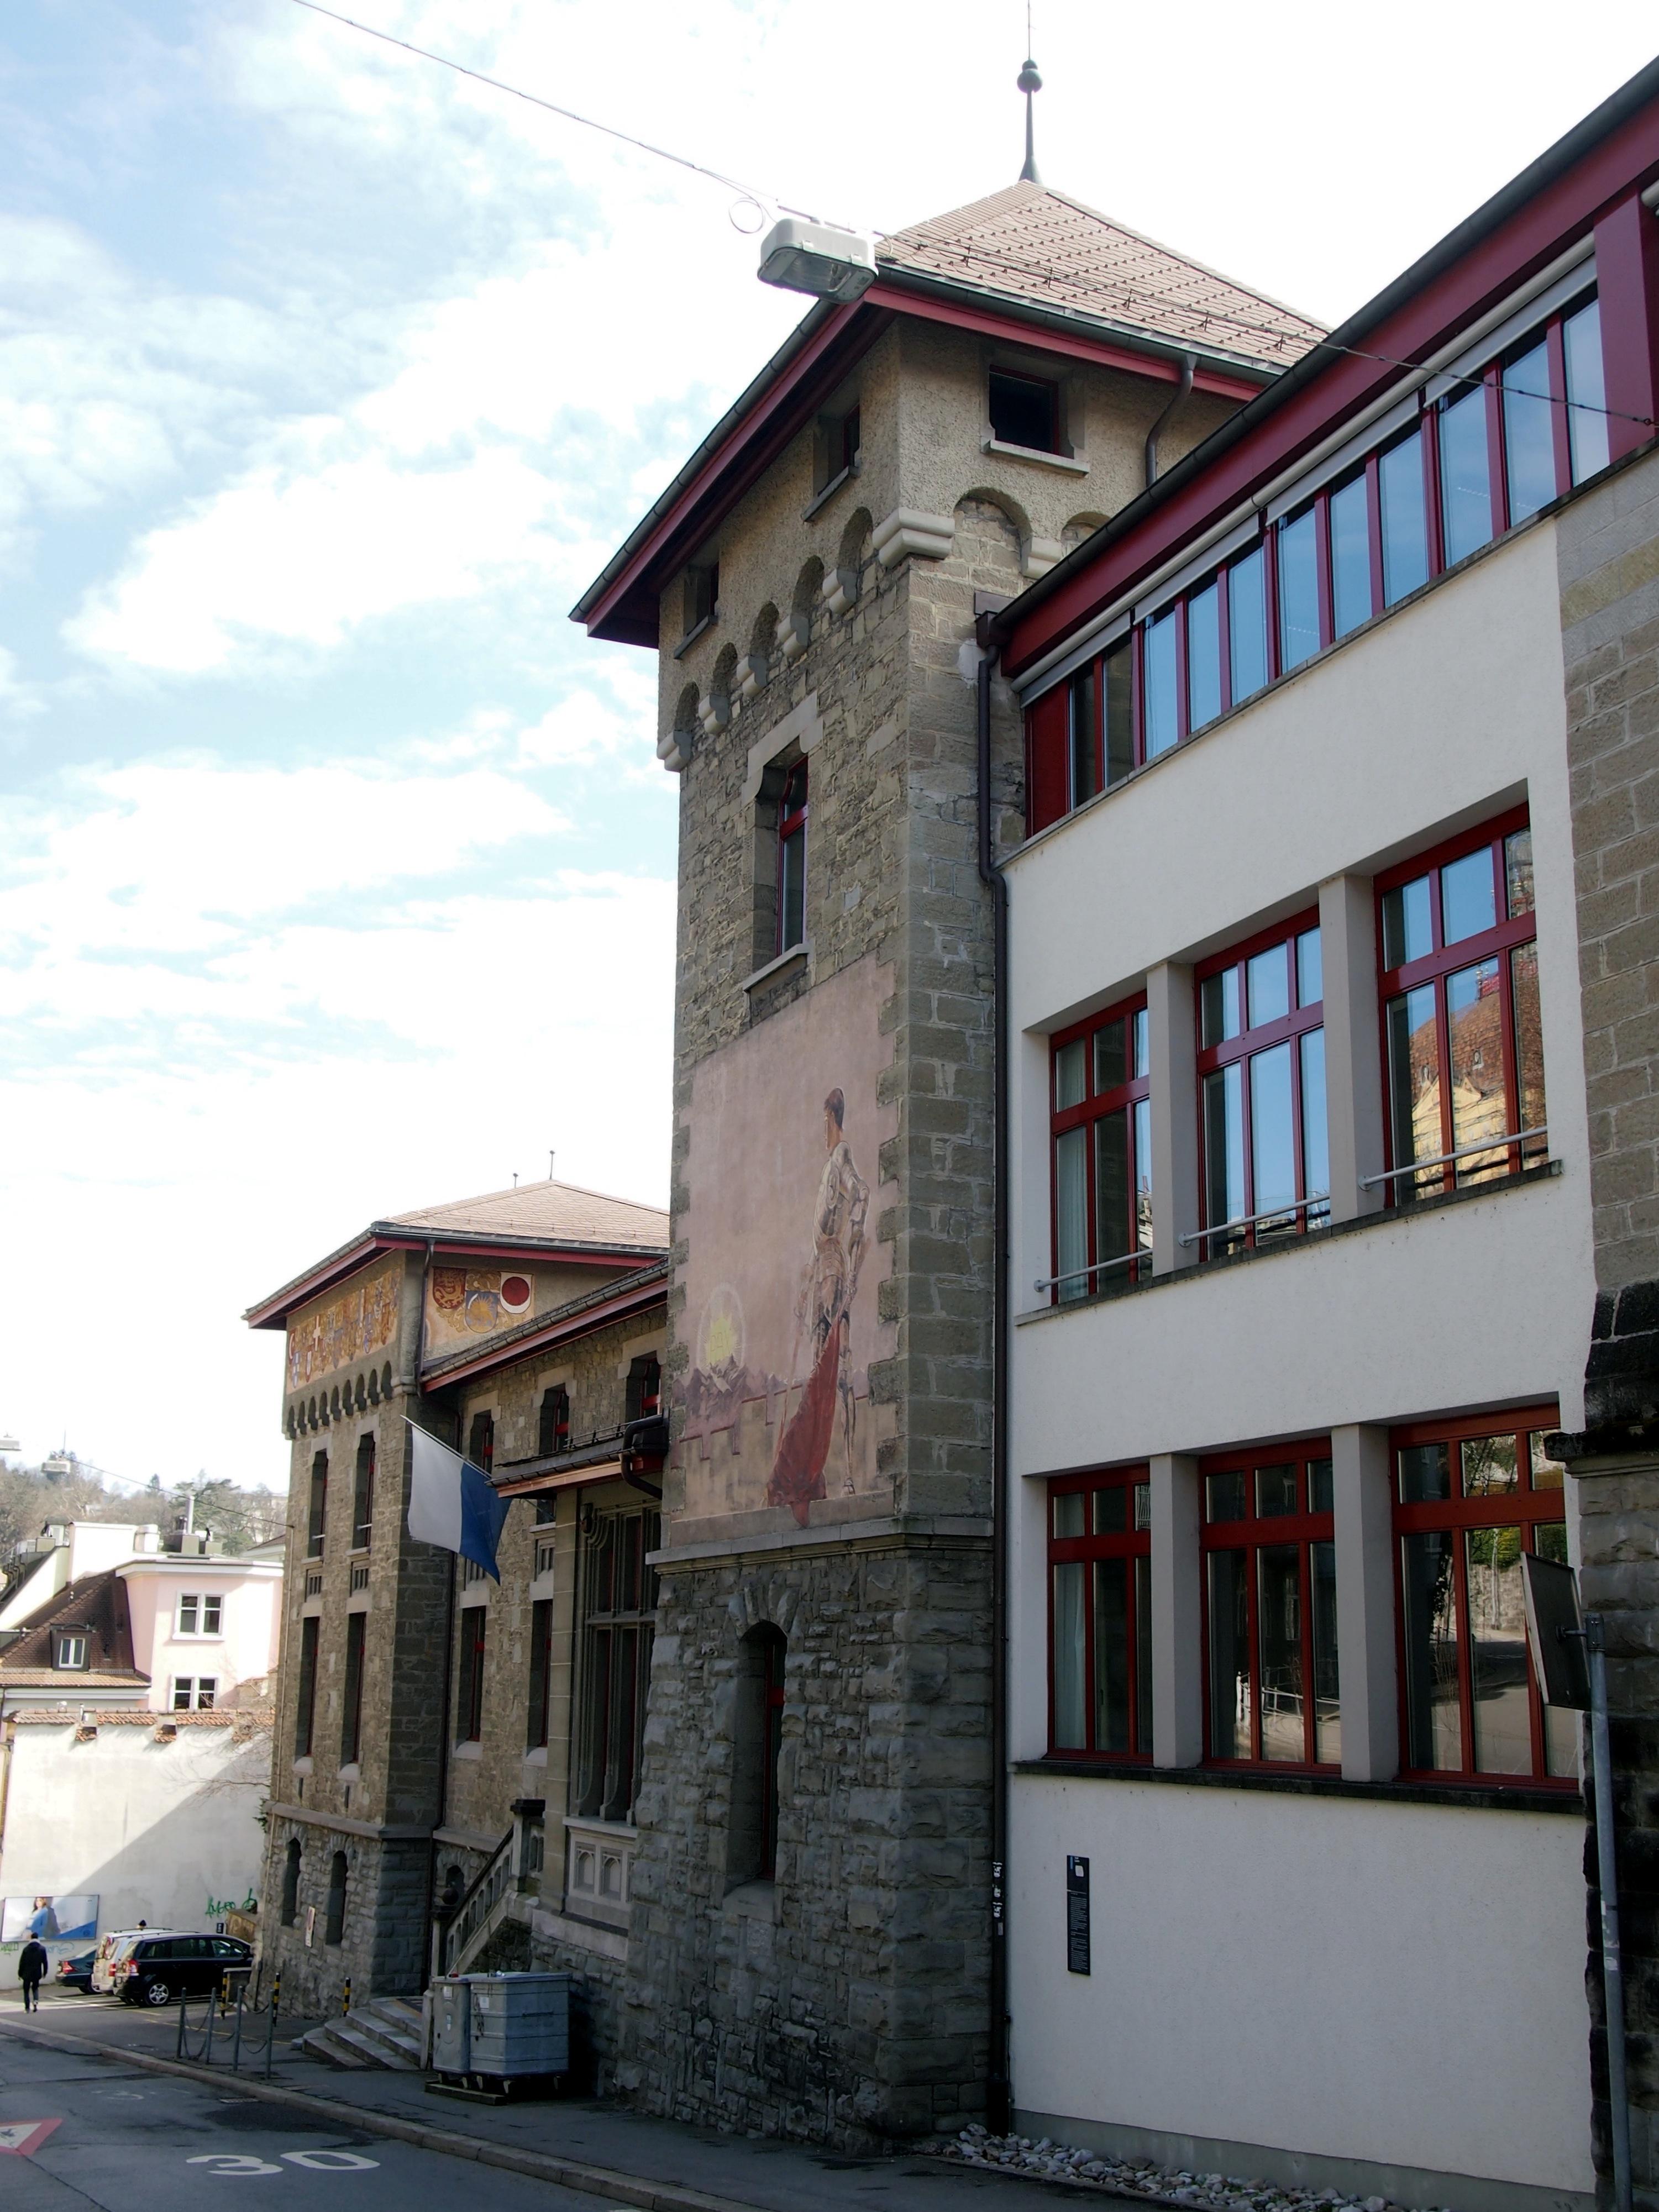 Fluhmattschulhaus